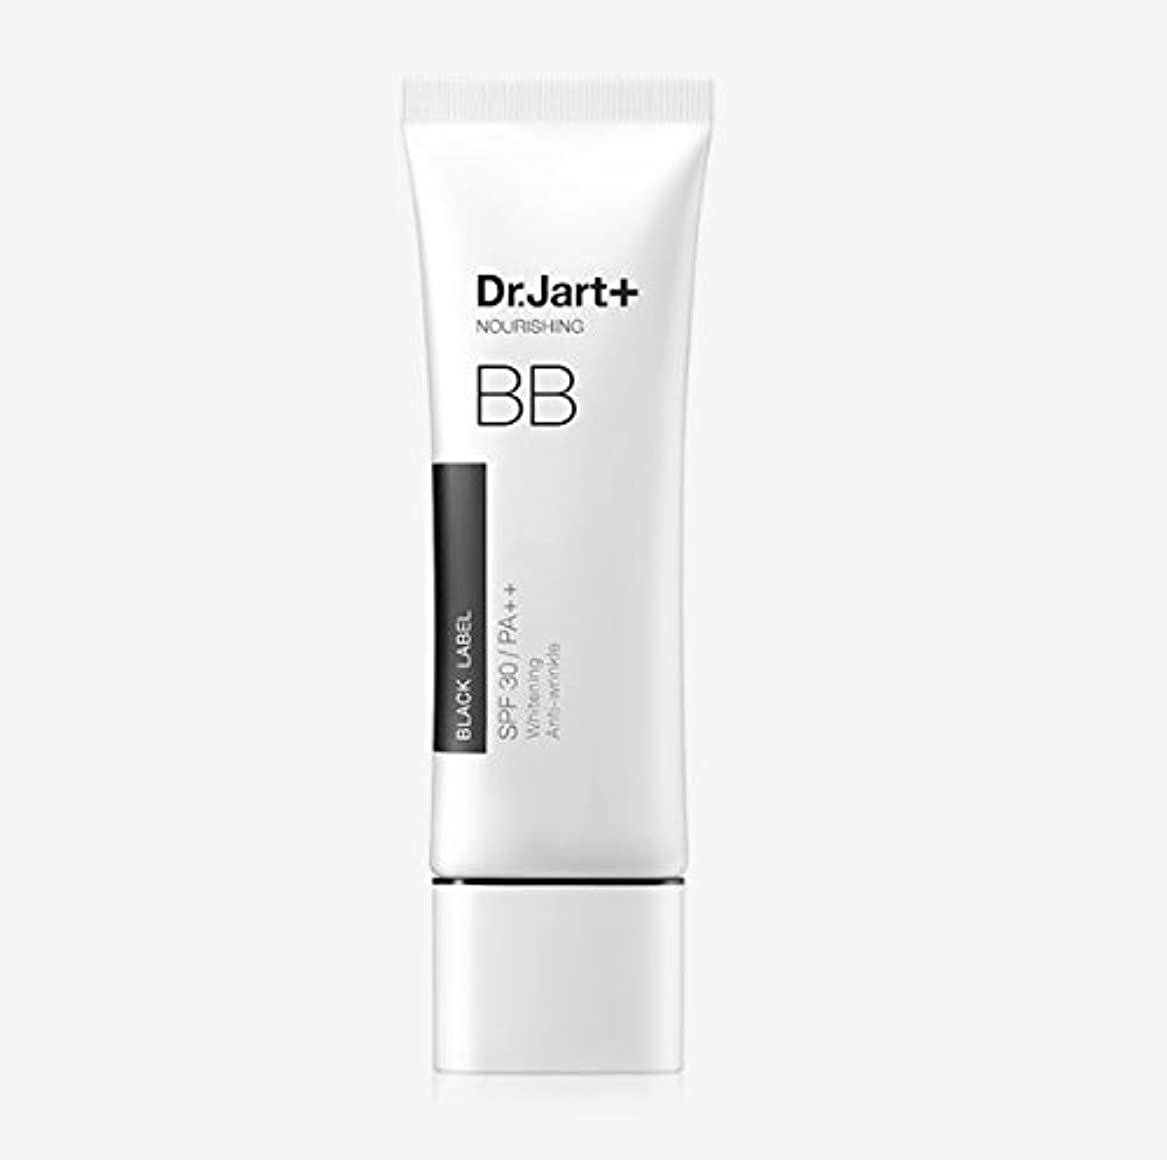 お誕生日パンビヨン[Dr. Jart] Black Label BB Nourishing Beauty Balm 50ml SPF30 PA++/[ドクタージャルト] ブラックラベル BB ナリーシン ビューティー バーム 50ml SPF30 PA++ [並行輸入品]